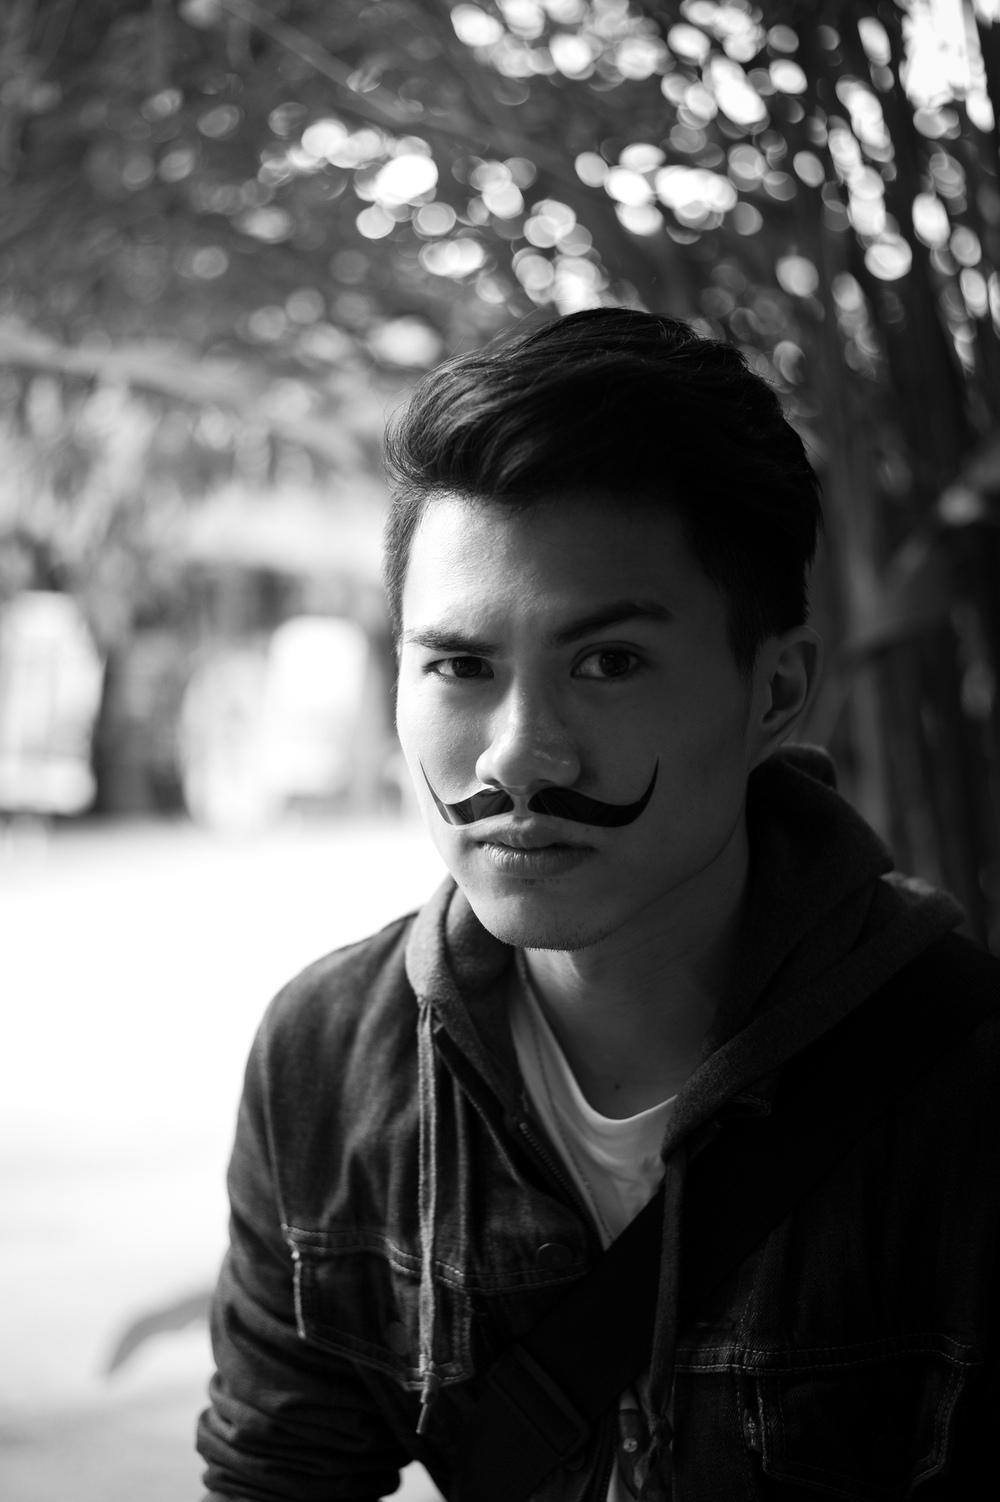 Ethan L - Jaime Hsu